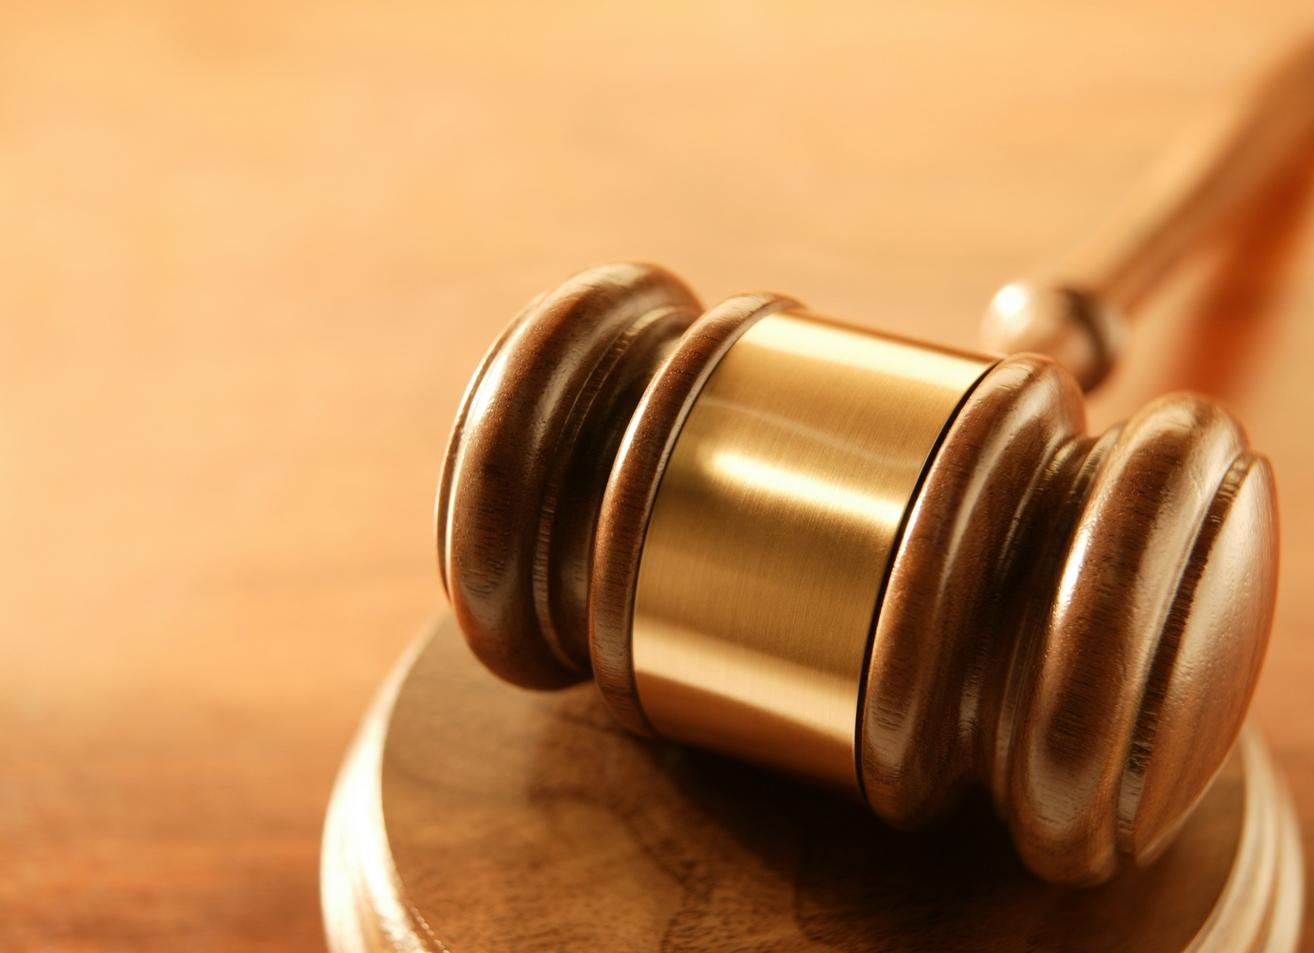 Motorista que matou jovem por urinar em muro de casa é condenado a 13 anos de prisão